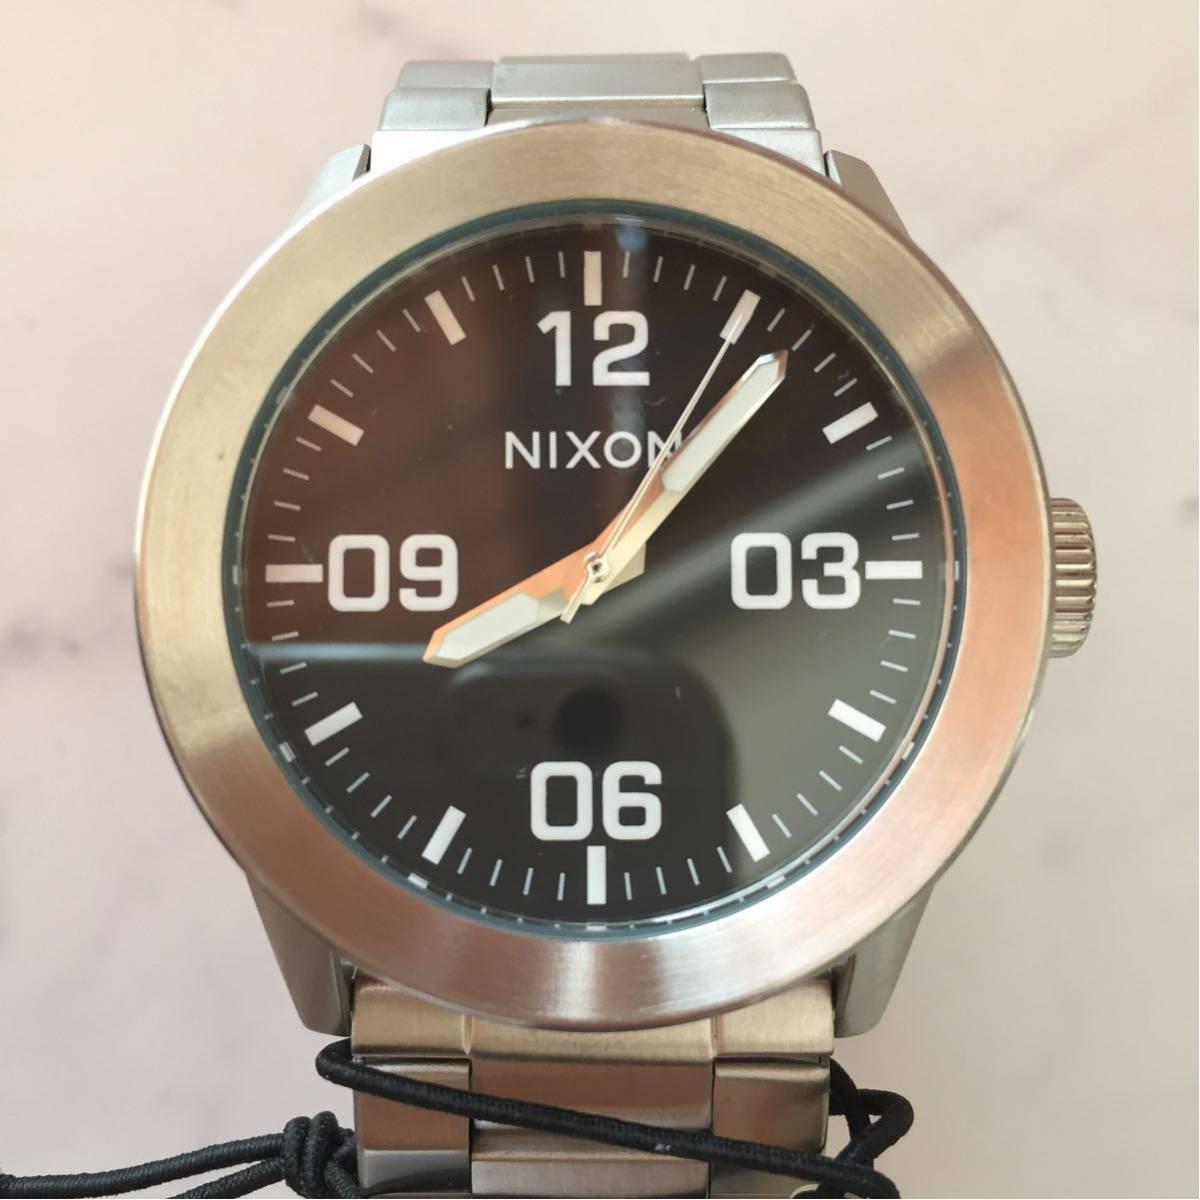 新品箱付き NIXON ニクソン 腕時計 PRIVATE プライベート A276-000 ブラック メタル A276000